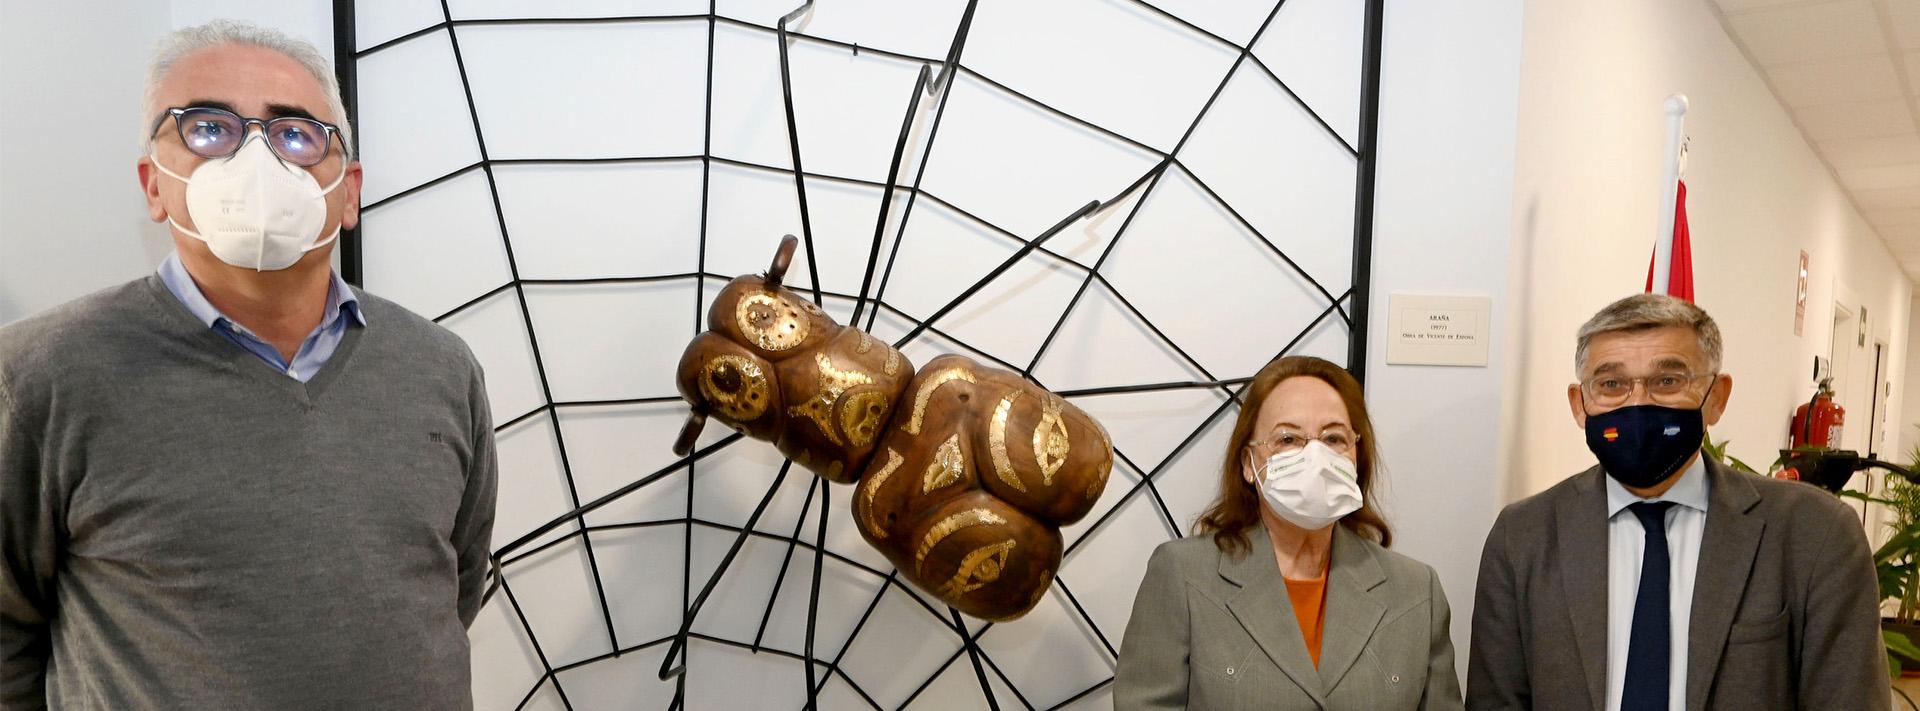 Instalada la escultura 'Araña' de Vicente Espona en el Centro Cultural Rosa Verde